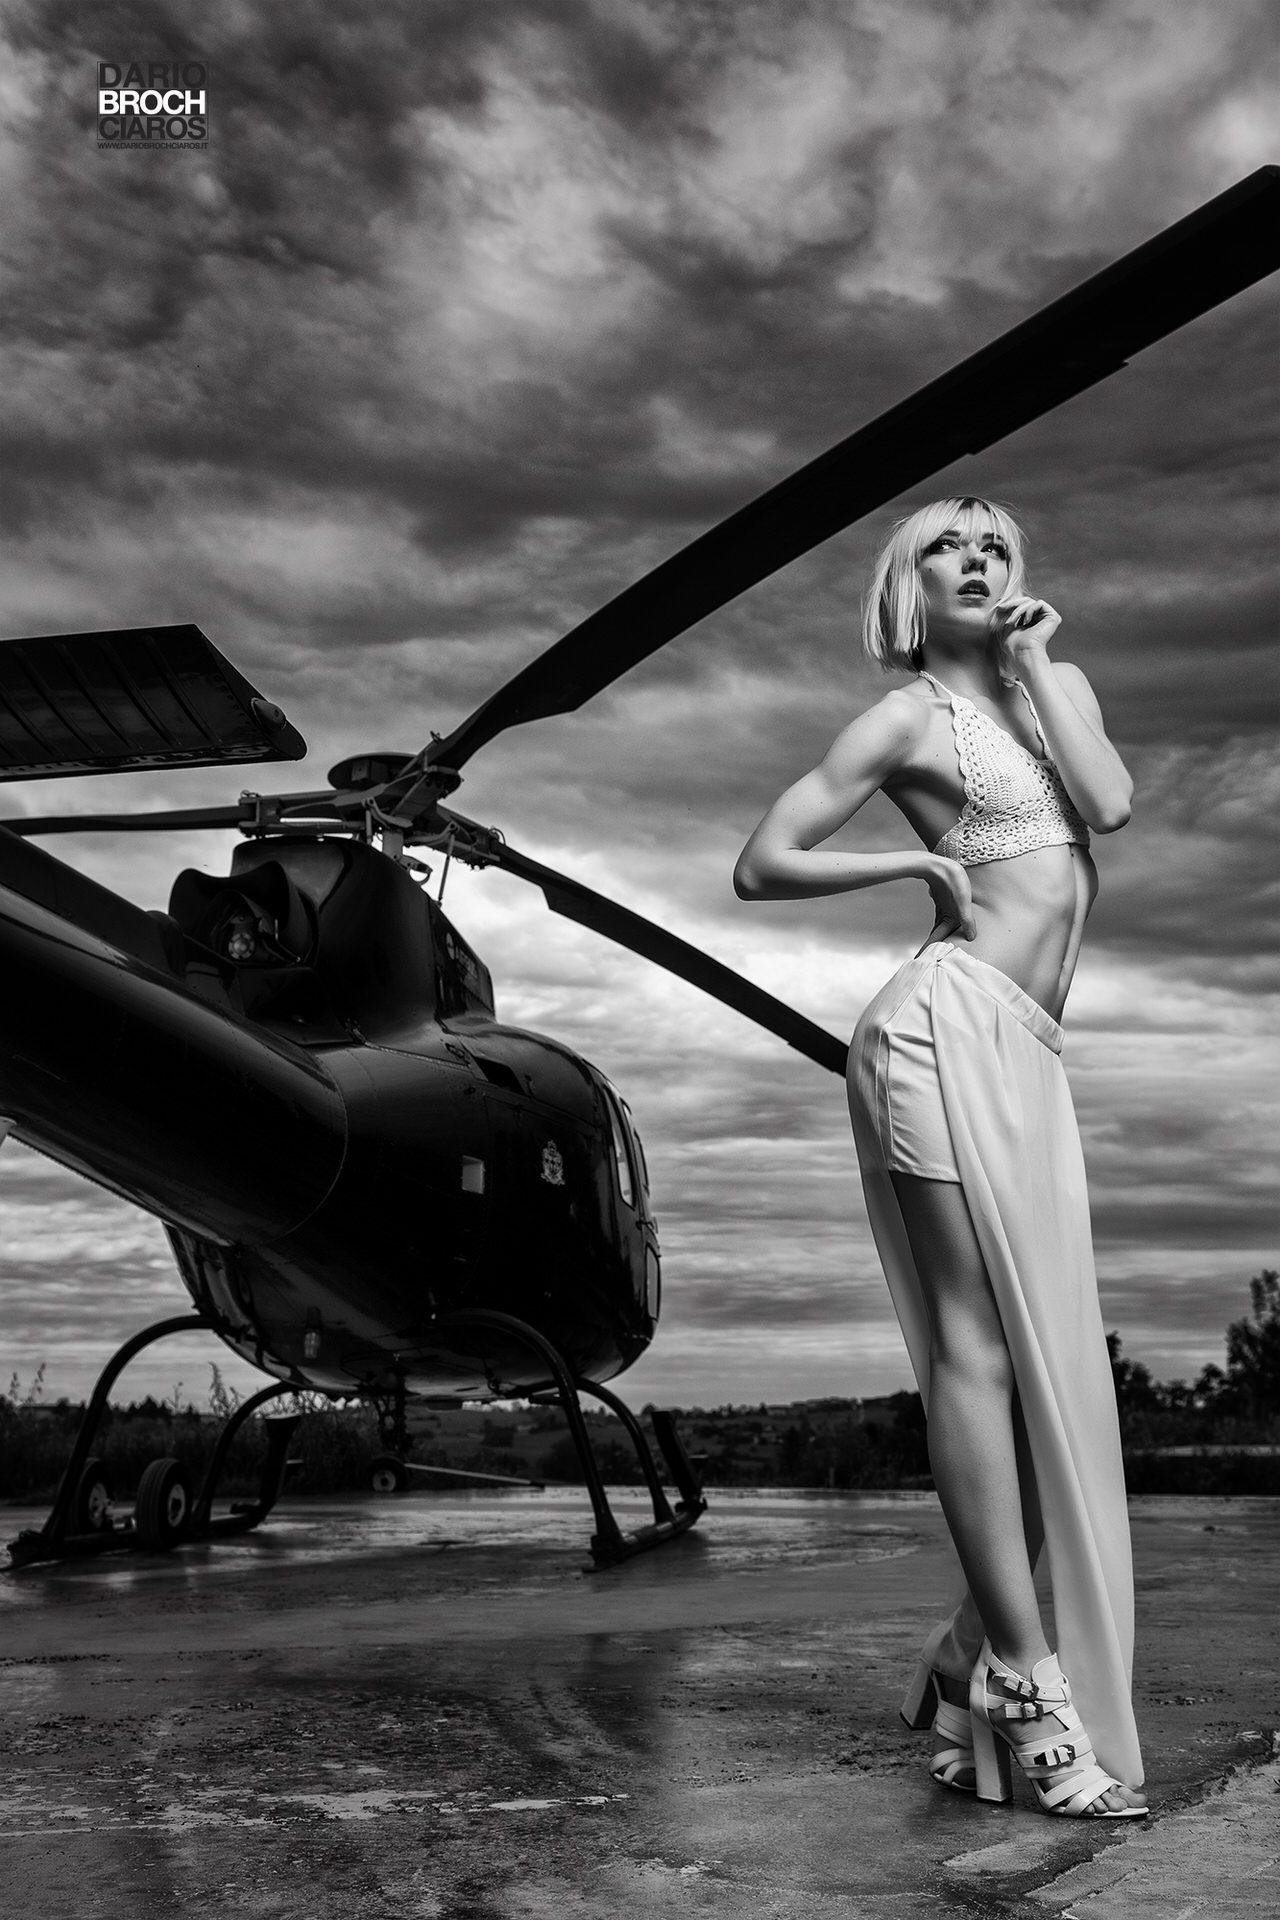 VENUS Gallery - Dario Broch Ciaros Photographer